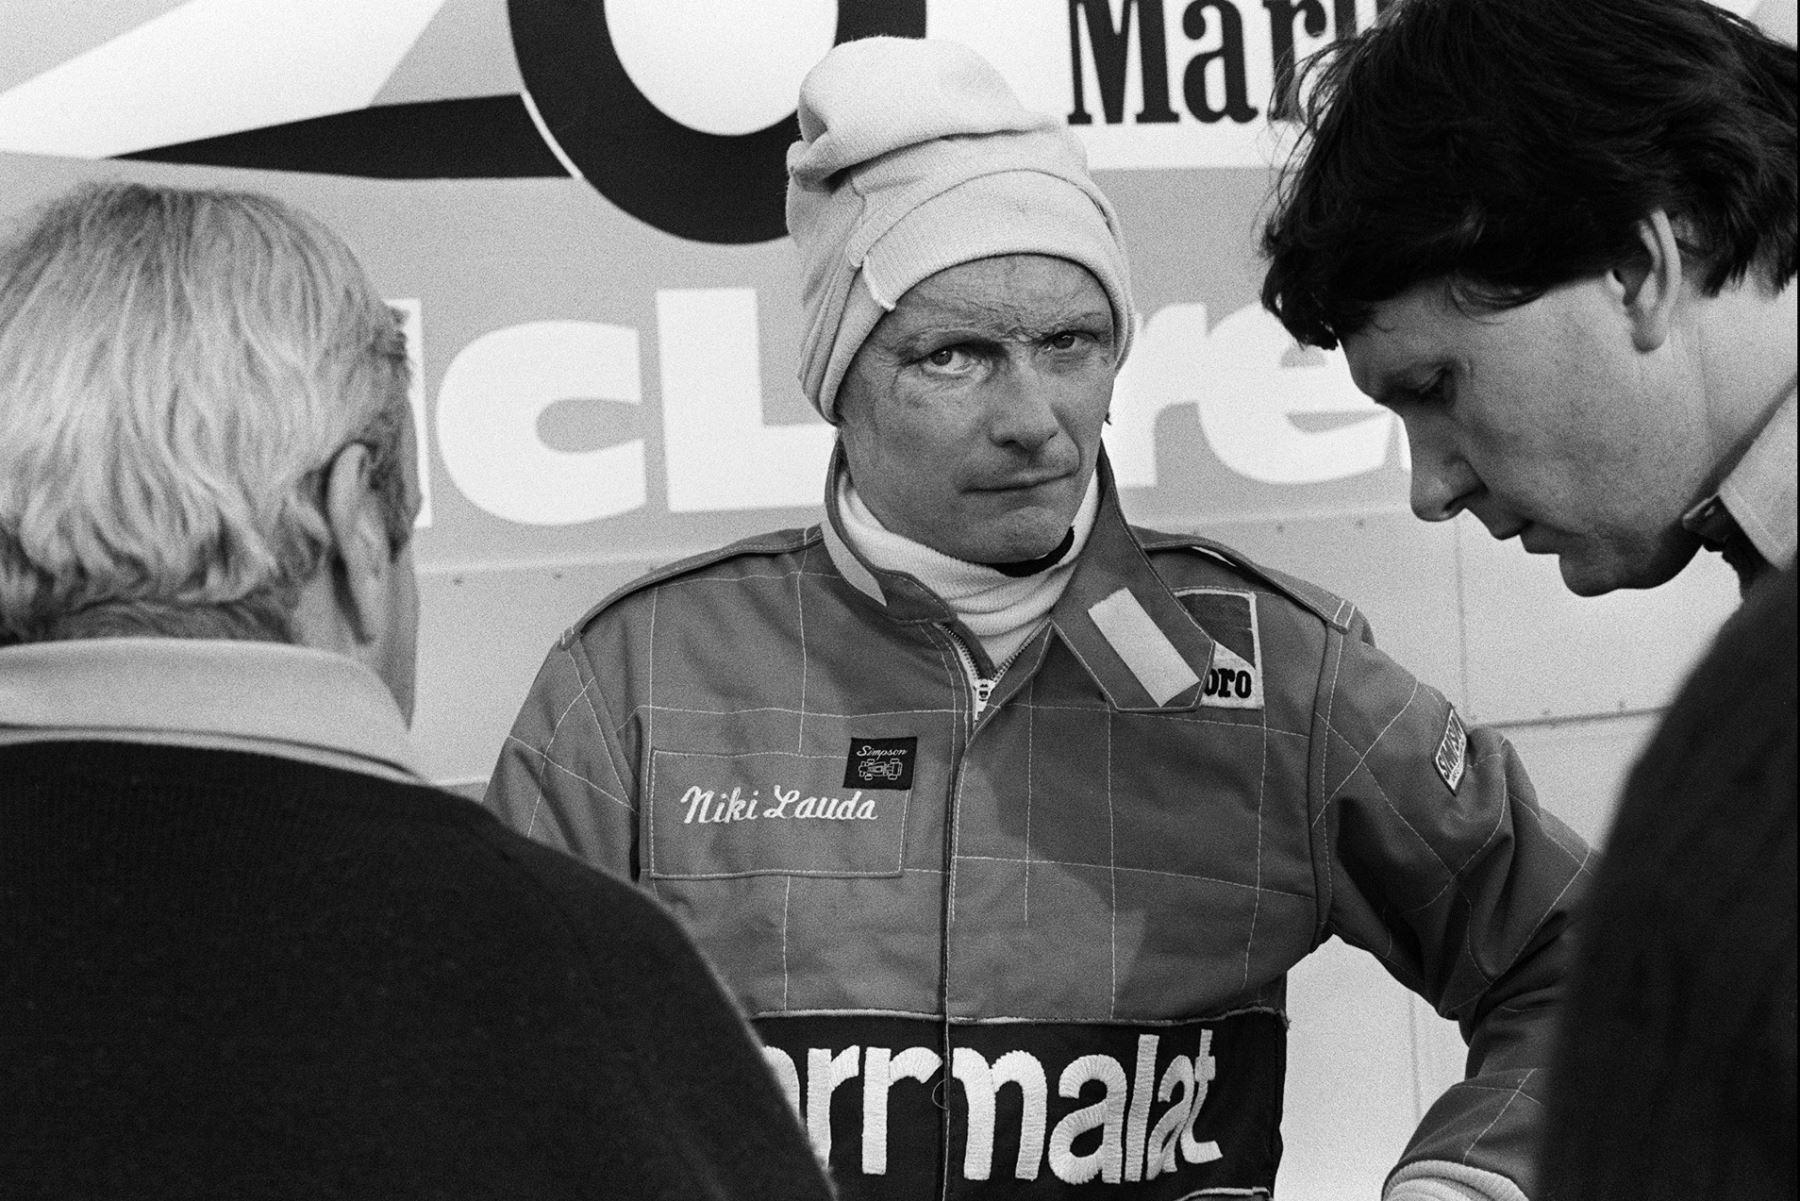 El piloto austriaco de Fomula 1, Niki Lauda, habla con los miembros de MacLaren en el circuito de carreras de Castellet el 20 de noviembre de 1981. Foto: AFP